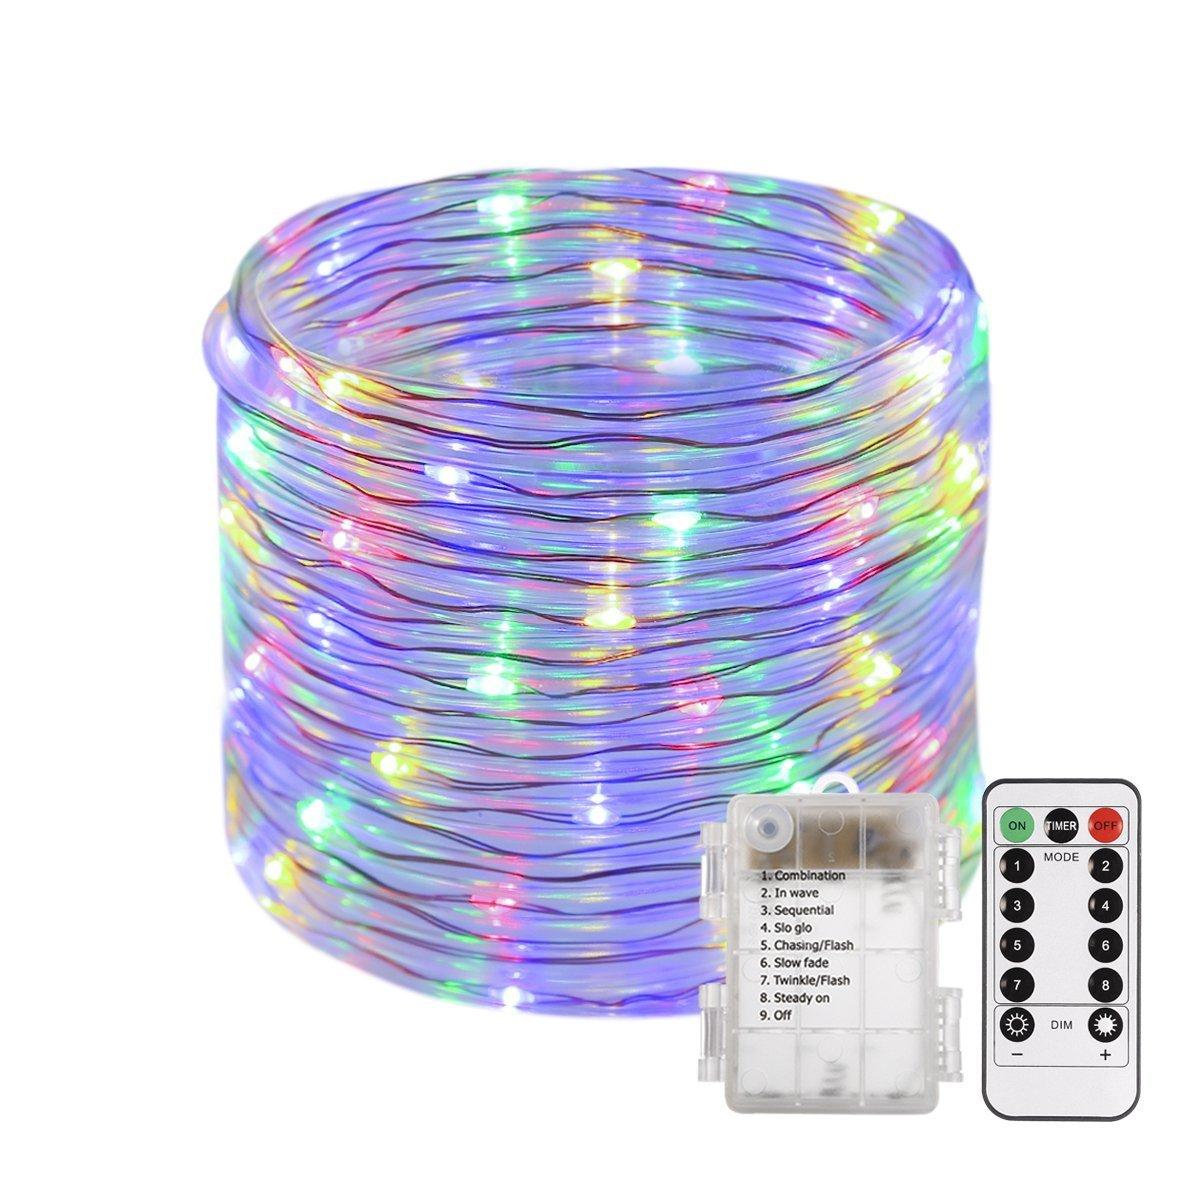 Gresonic - Tubo luminoso con 8 modalità di illuminazione, dimmerabile, timer, telecomando, funzionamento a batteria, per interni ed esterni, Multicolore, 100 LED